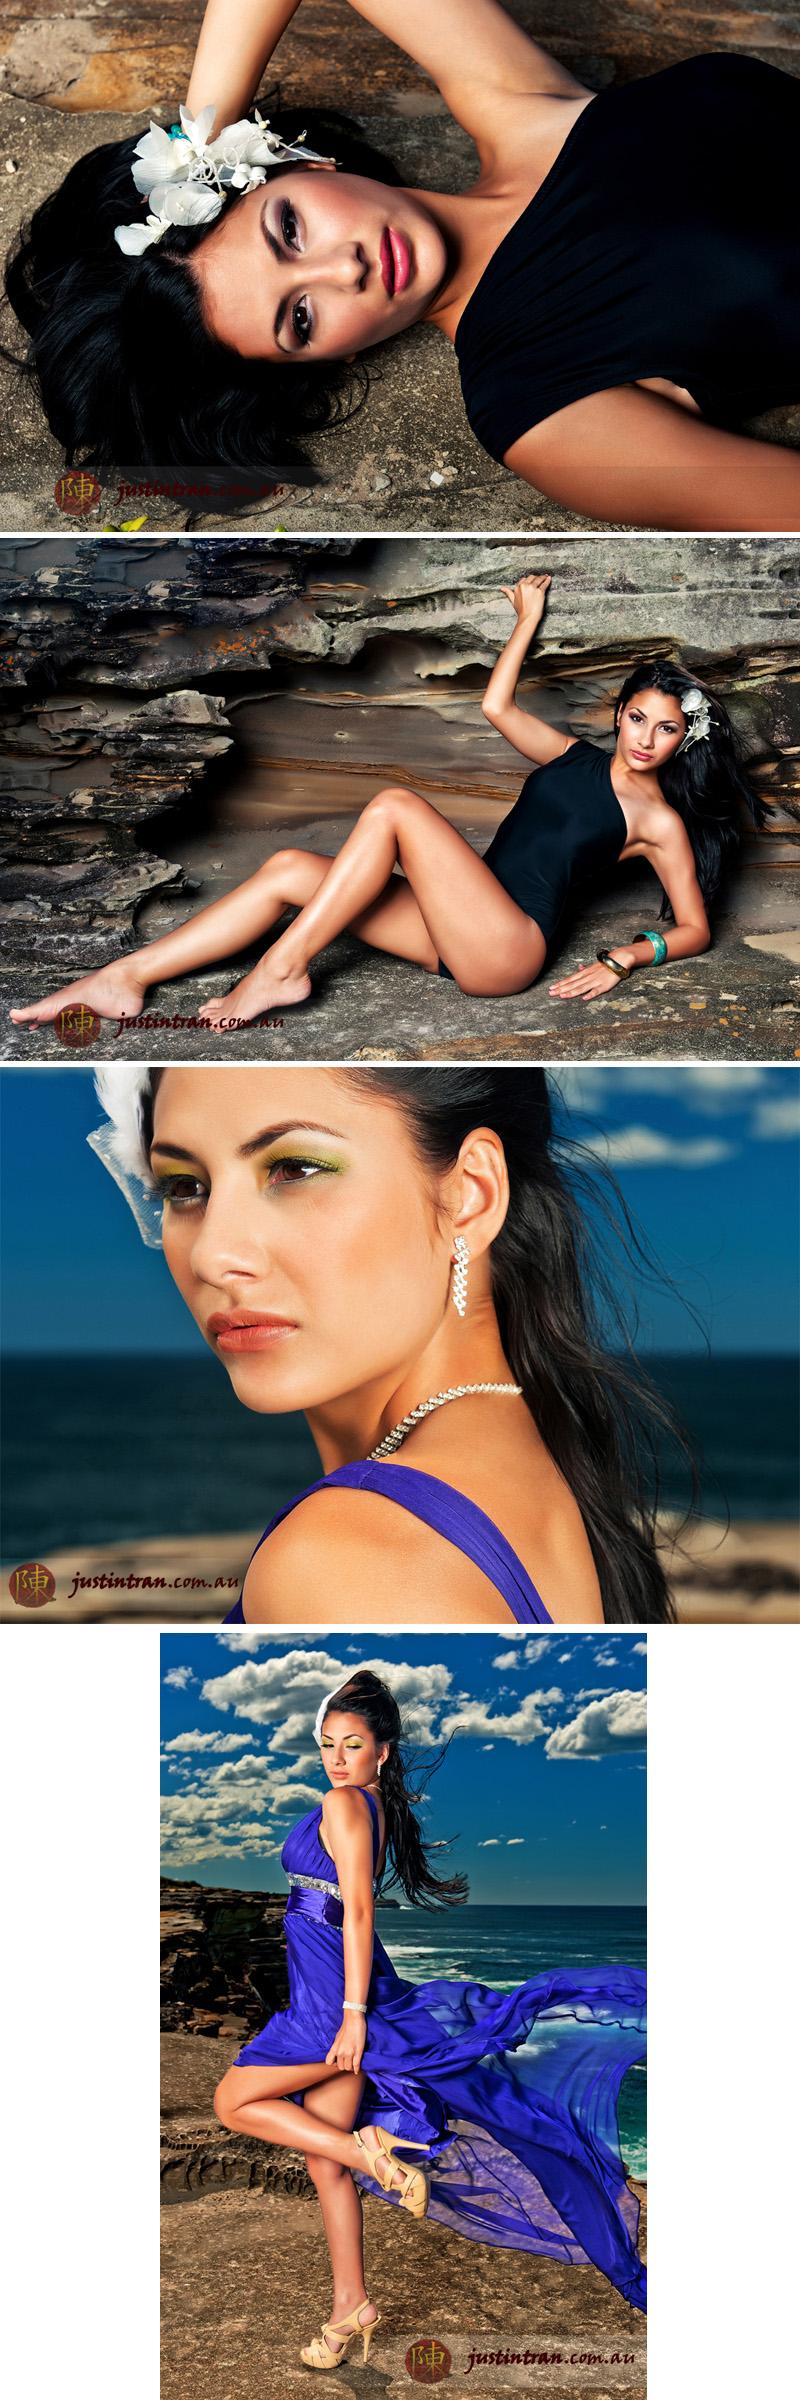 Sydney Apr 04, 2011 Justin Tran Photography Model: Darlene